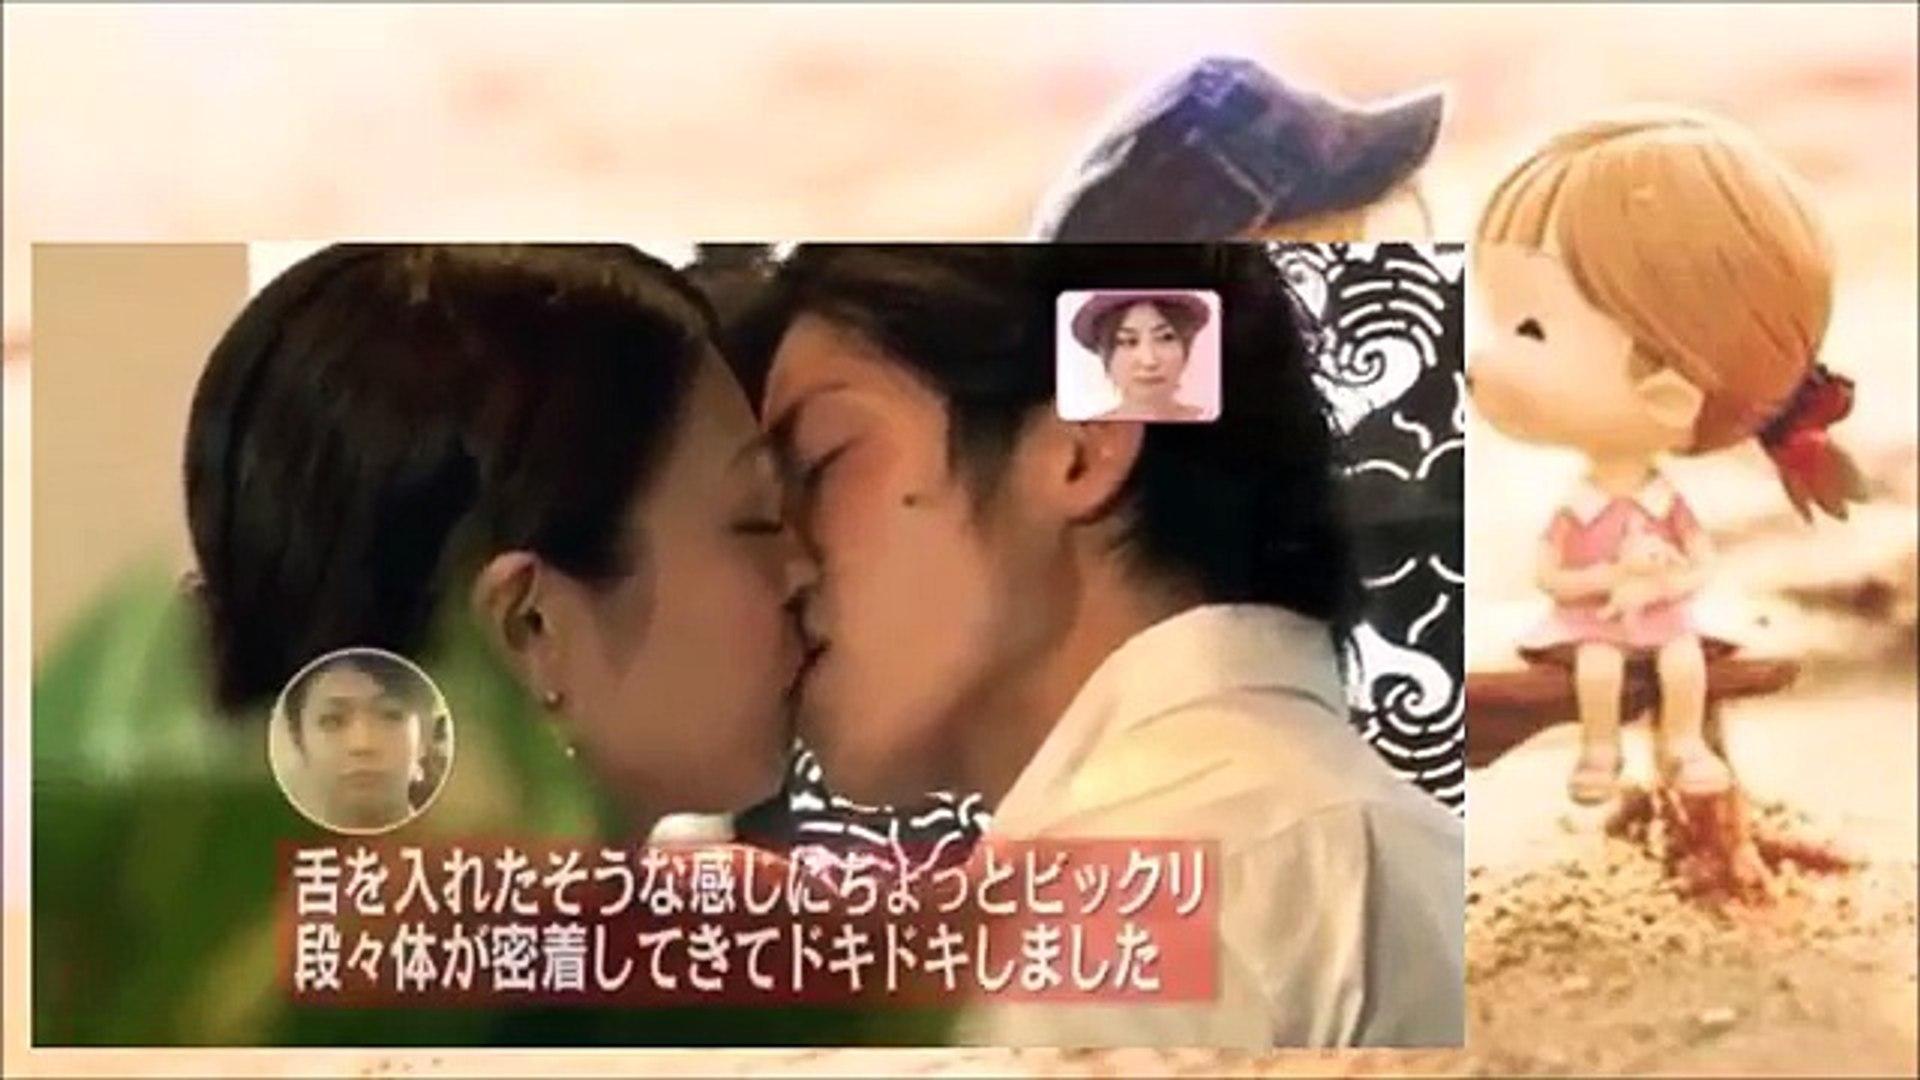 キス 動画 熟女